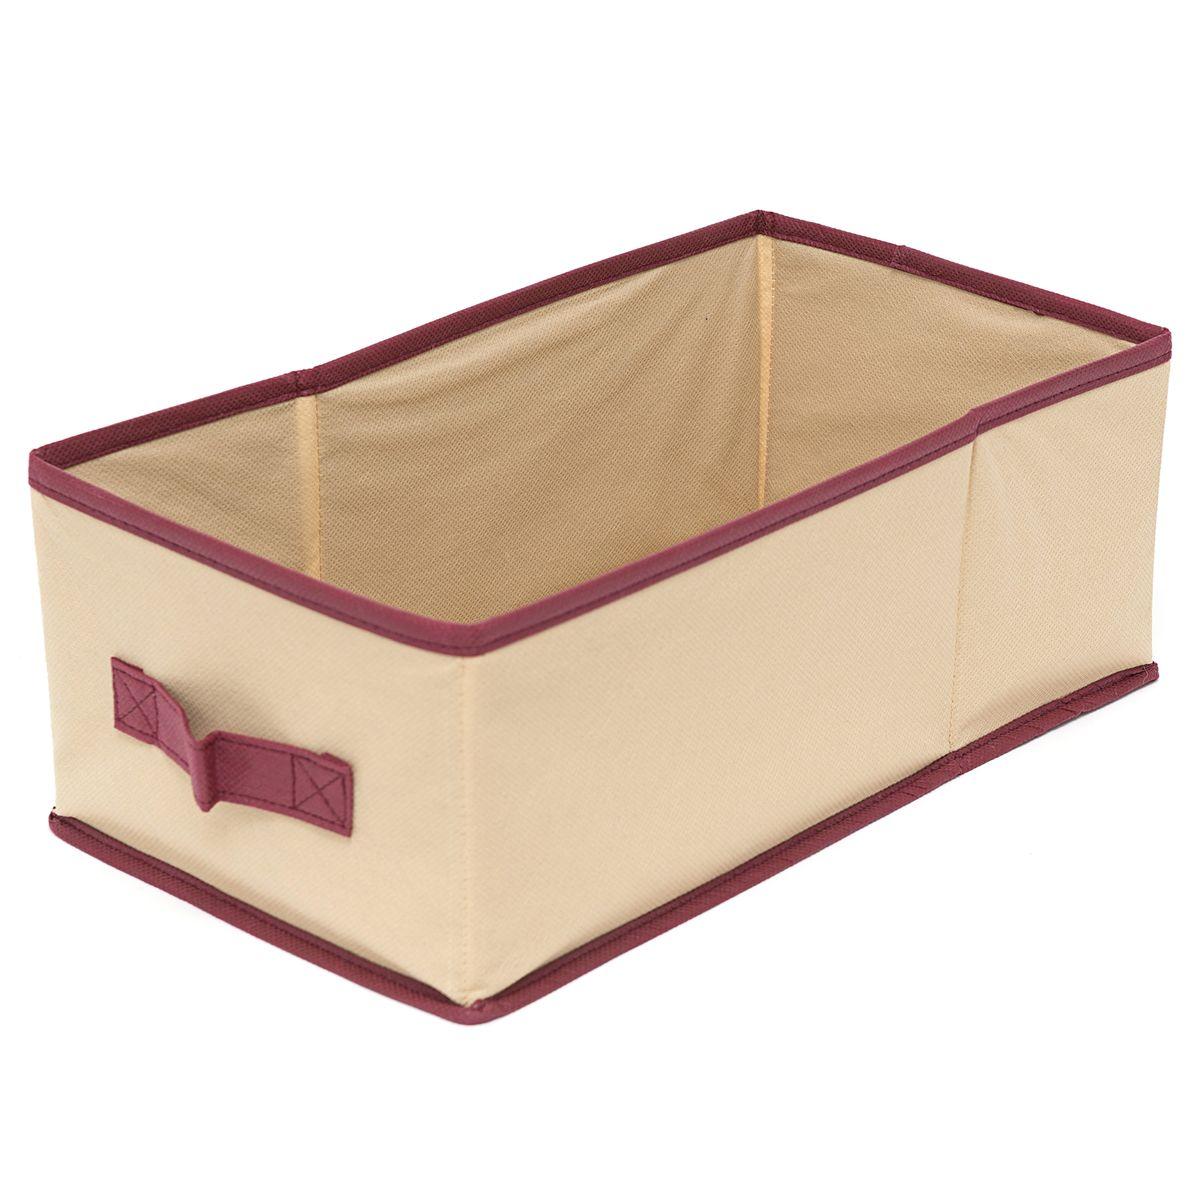 Короб для хранения Homsu Comfort, с ручкой, цвет: бежевый, 37 x 20 x 14 смHOM-683Оптимальный размер универсального короба для хранения Homsu Comfort позволяет хранить в нем любые вещи и предметы. Имеет жесткие борта, что является гарантией сохранности вещей.Размер:37 x 20 x 14 см.